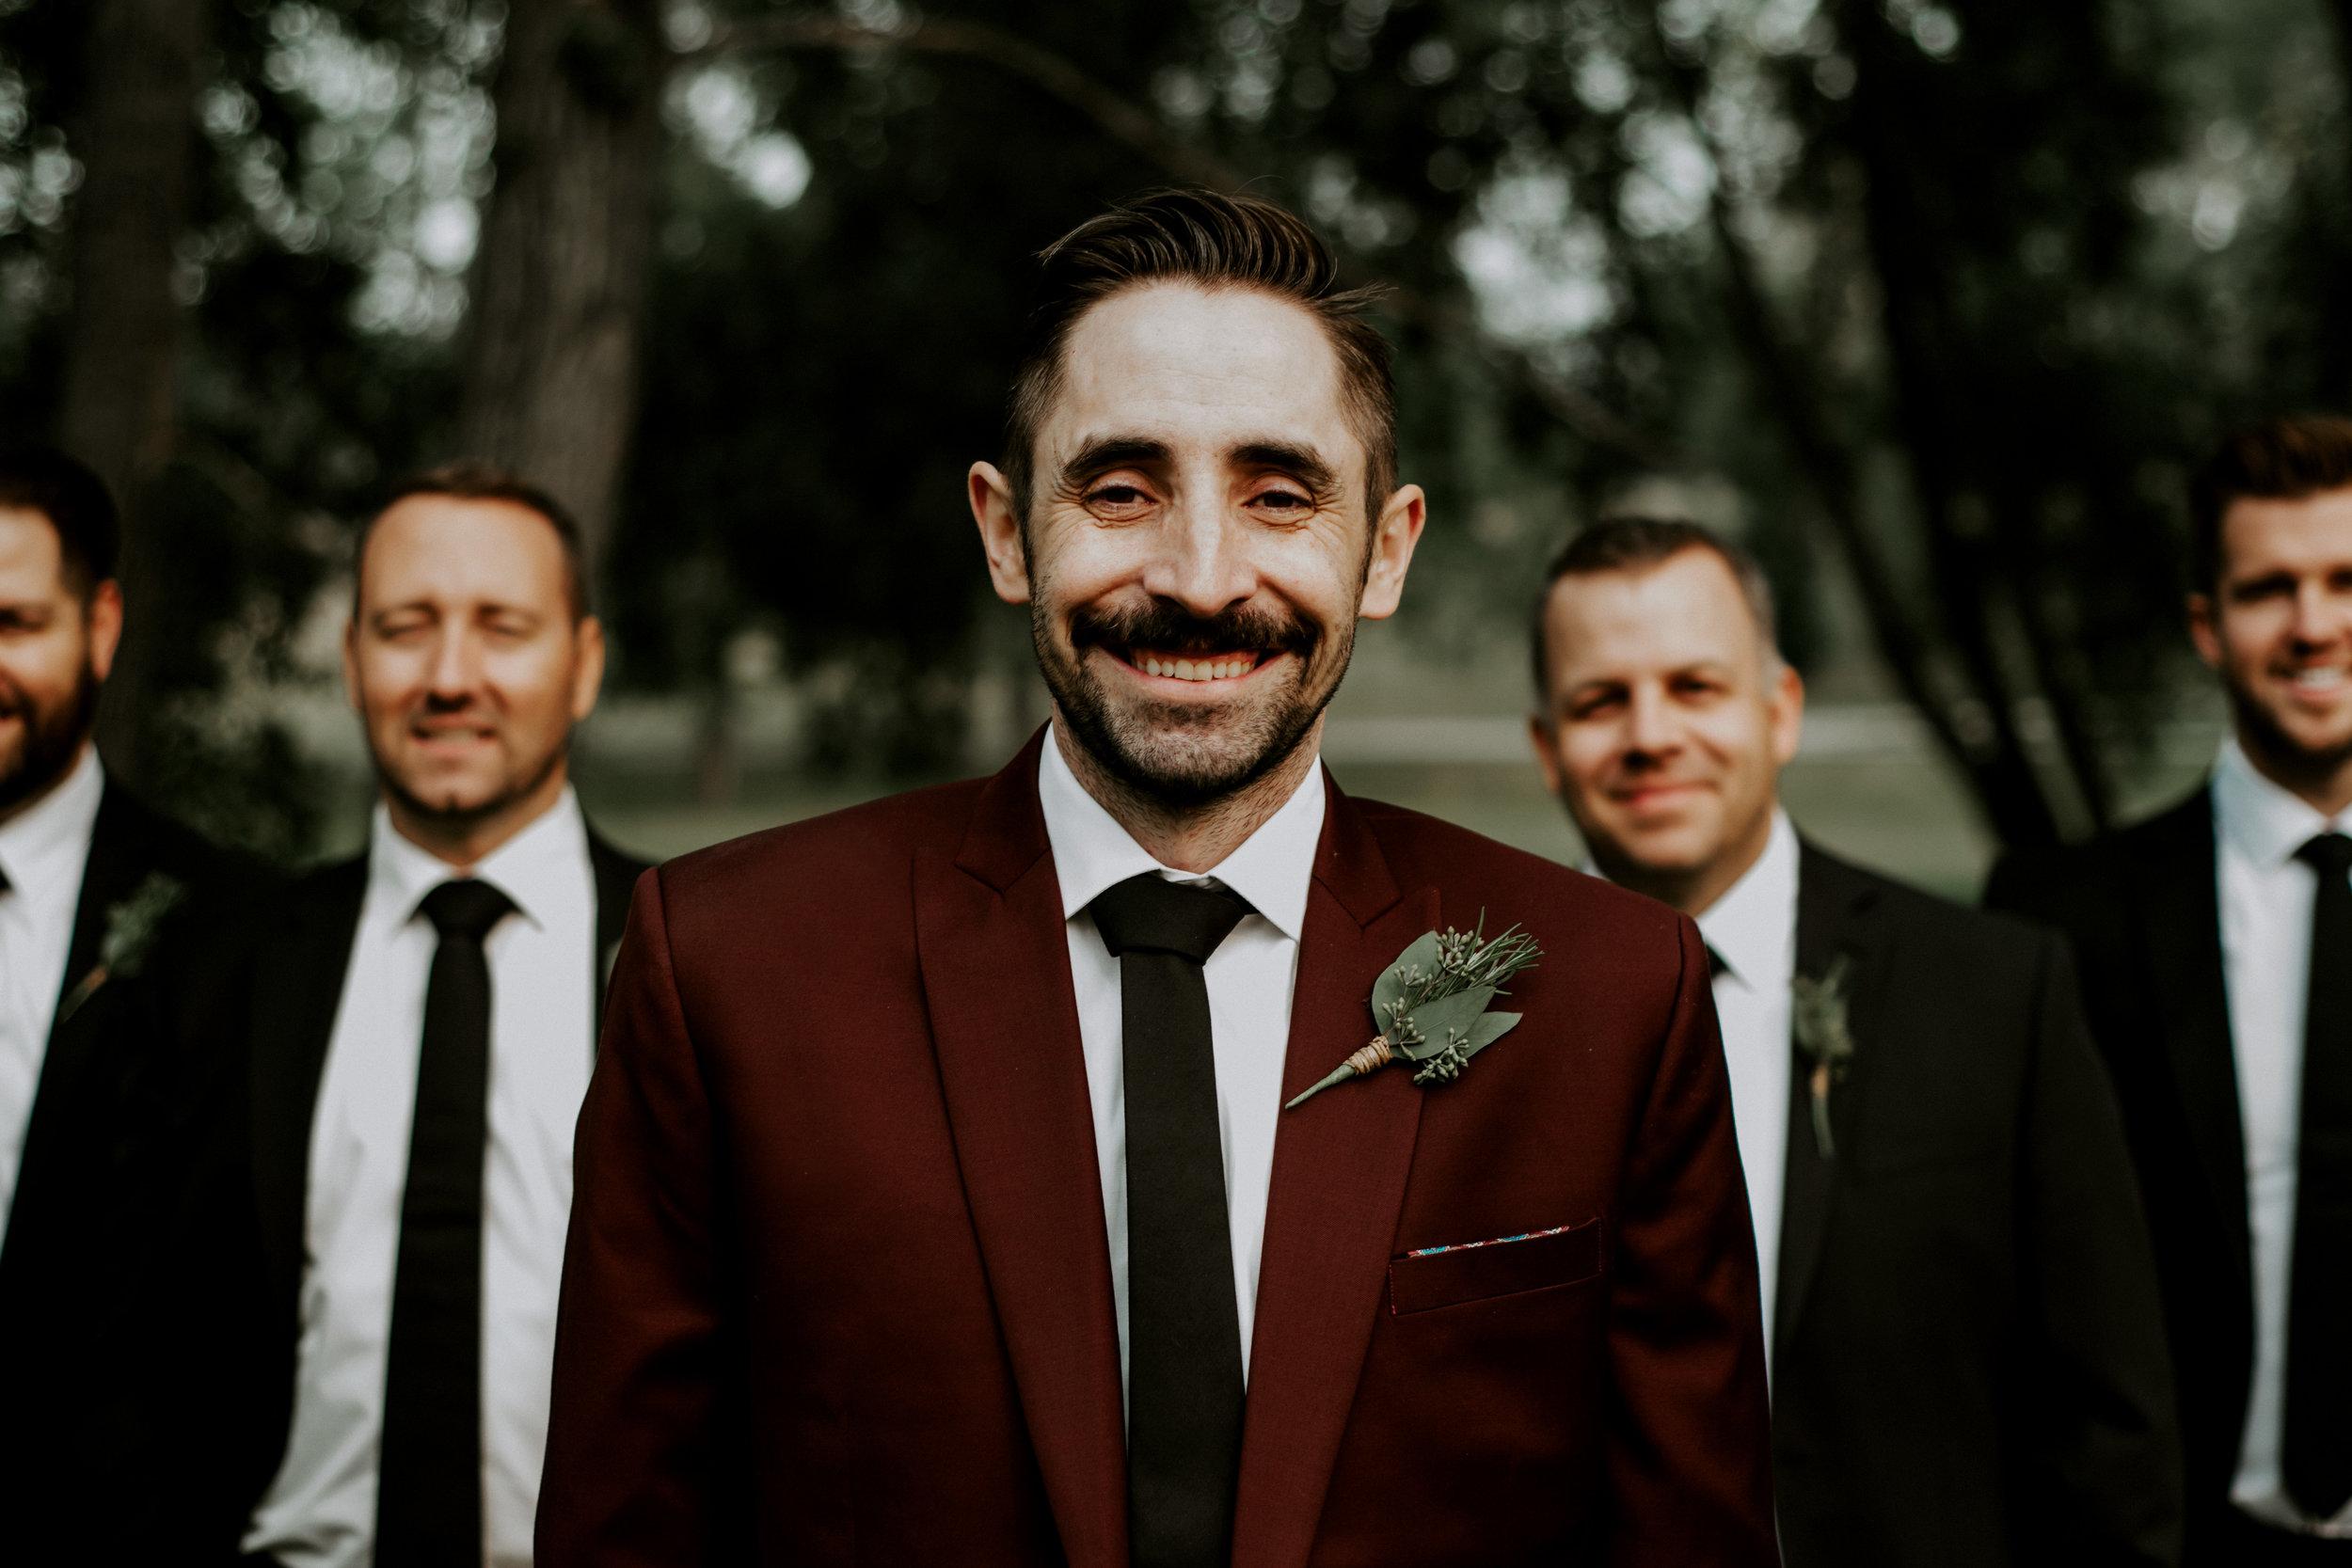 Calgary Wedding Photographer - 51 of 84.jpg